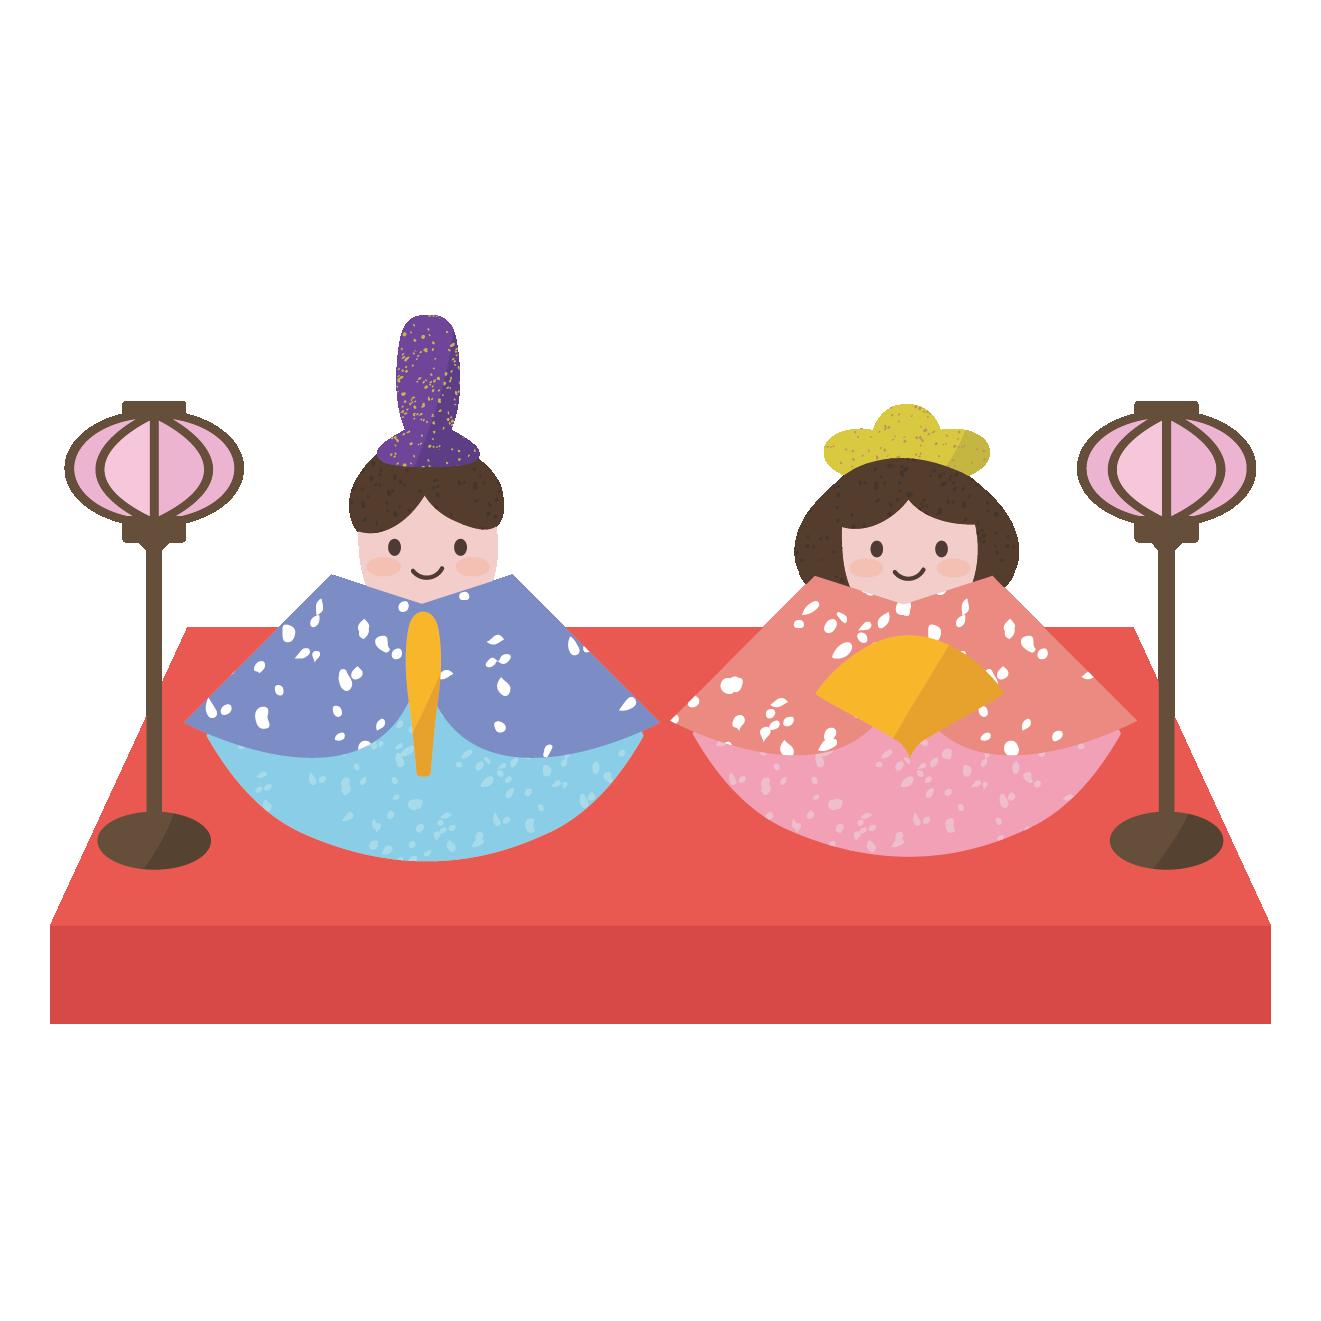 ひな祭り イラスト♪ かわいい雛人形   商用フリー(無料)のイラスト